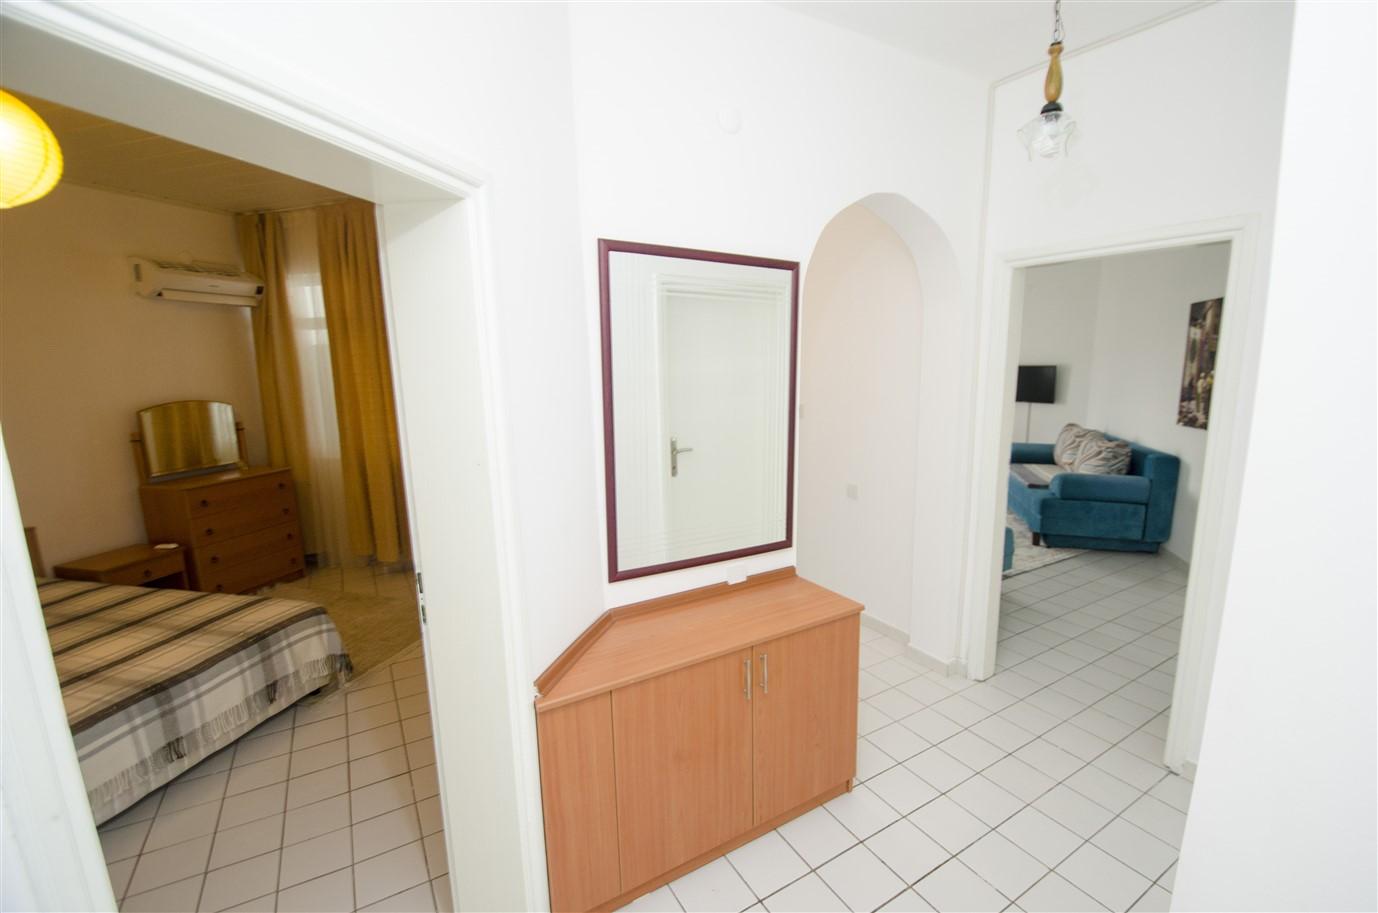 Квартира 1+1 с мебелью в районе Лиман Коньяалты Анталия - Фото 16